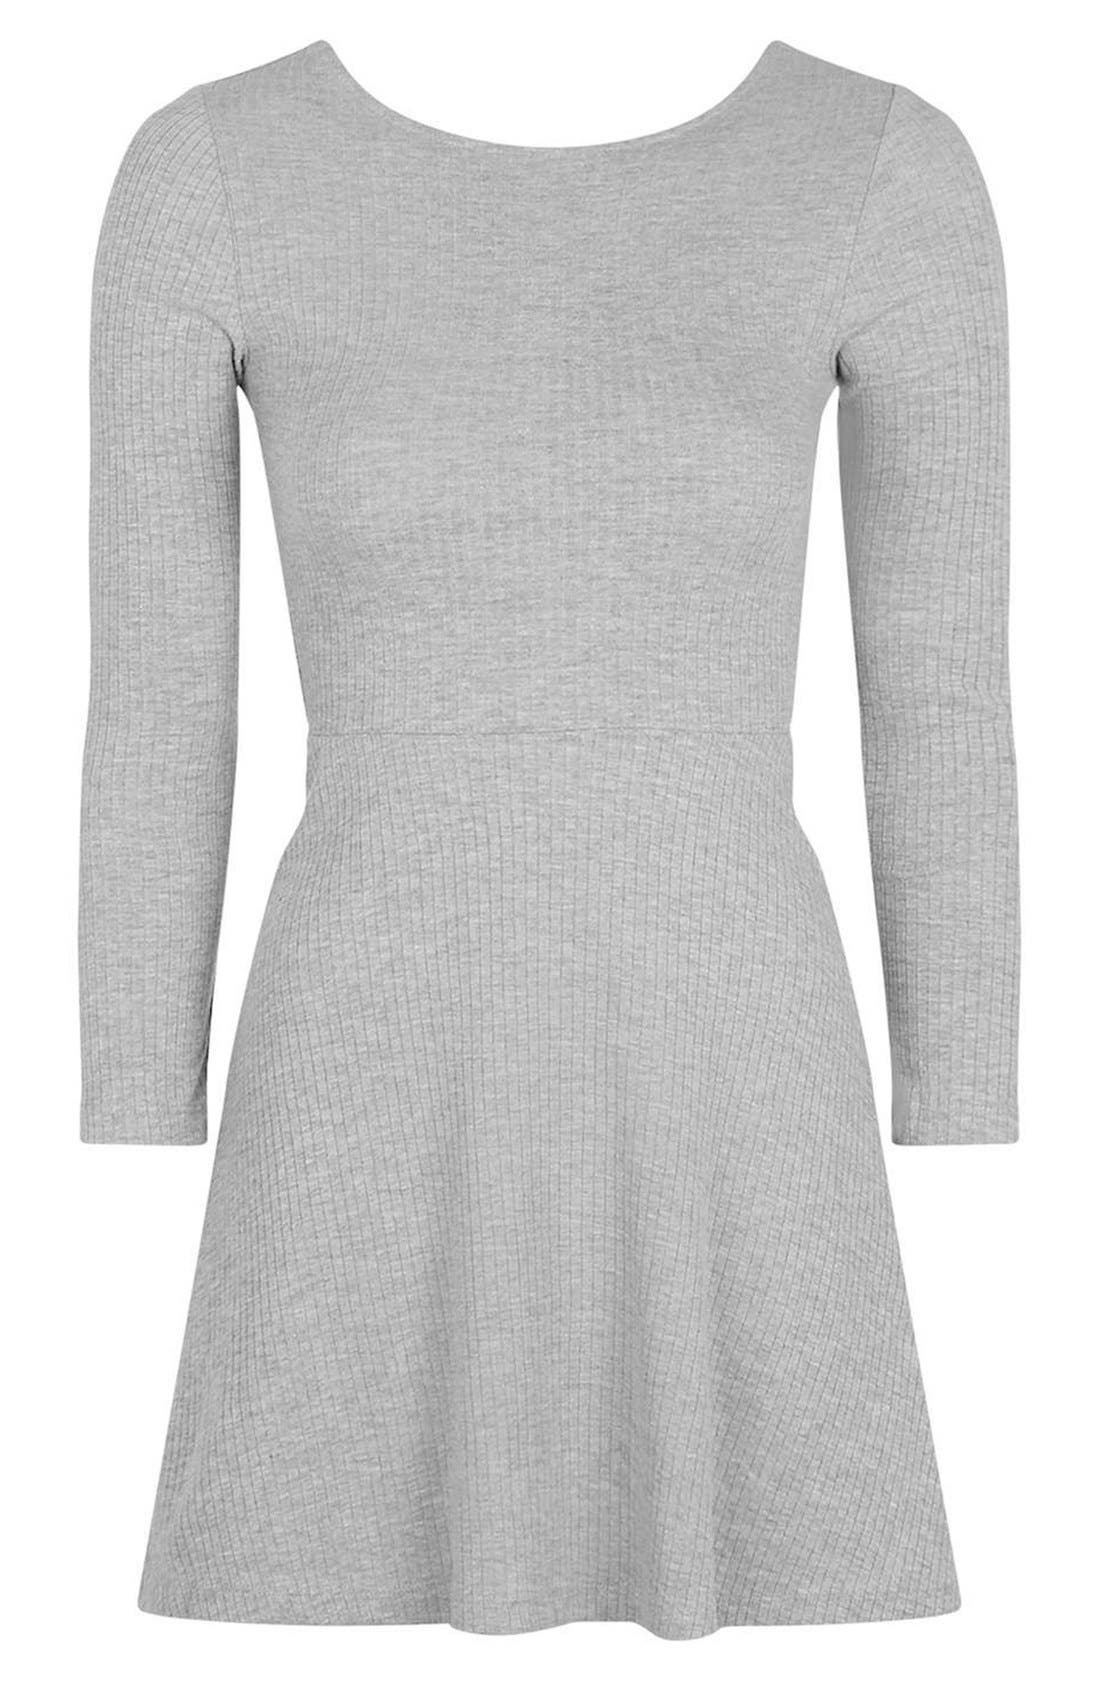 Alternate Image 4  - Topshop Lace-Up Back Skater Dress